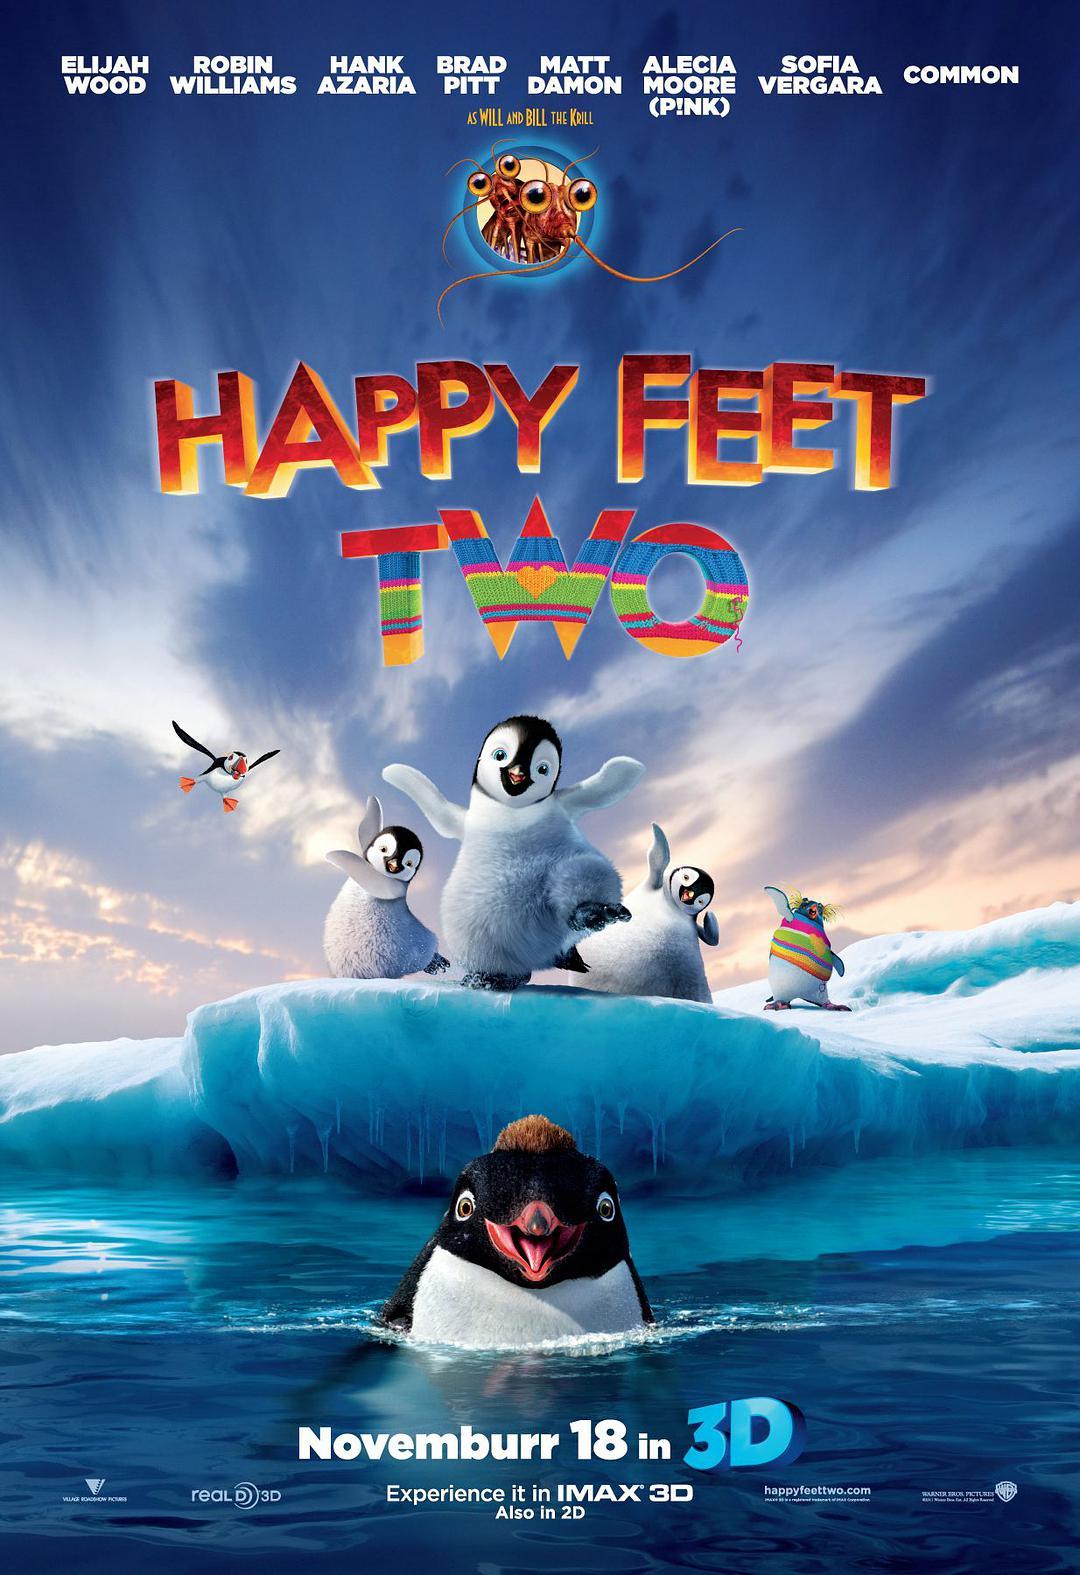 快乐的大脚电影中文_快乐的大脚2-电影-高清在线观看-百度视频